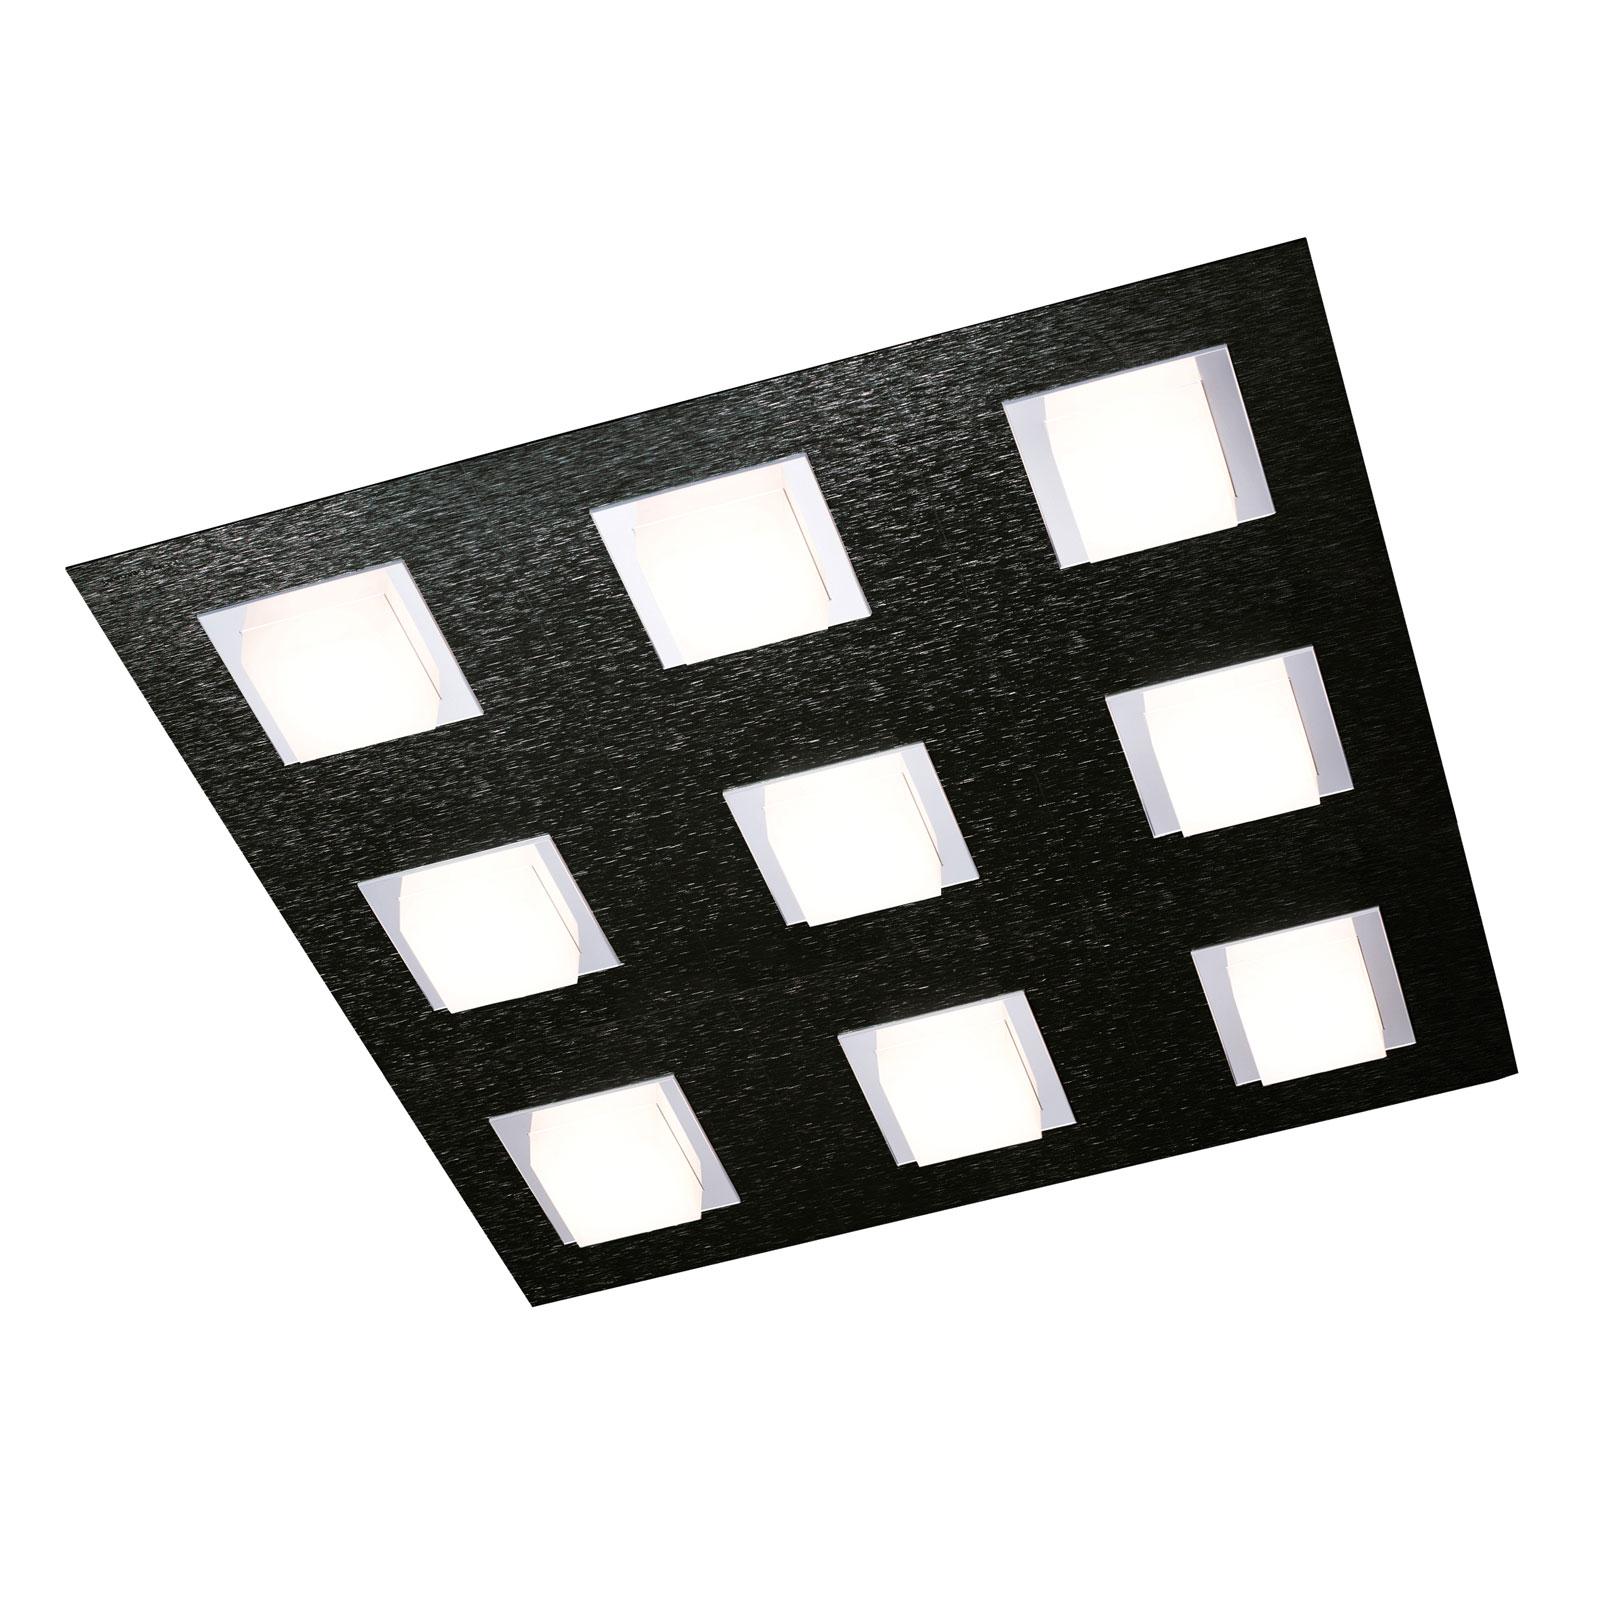 GROSSMANN Basic taklampe, 9 lyskilder, svart